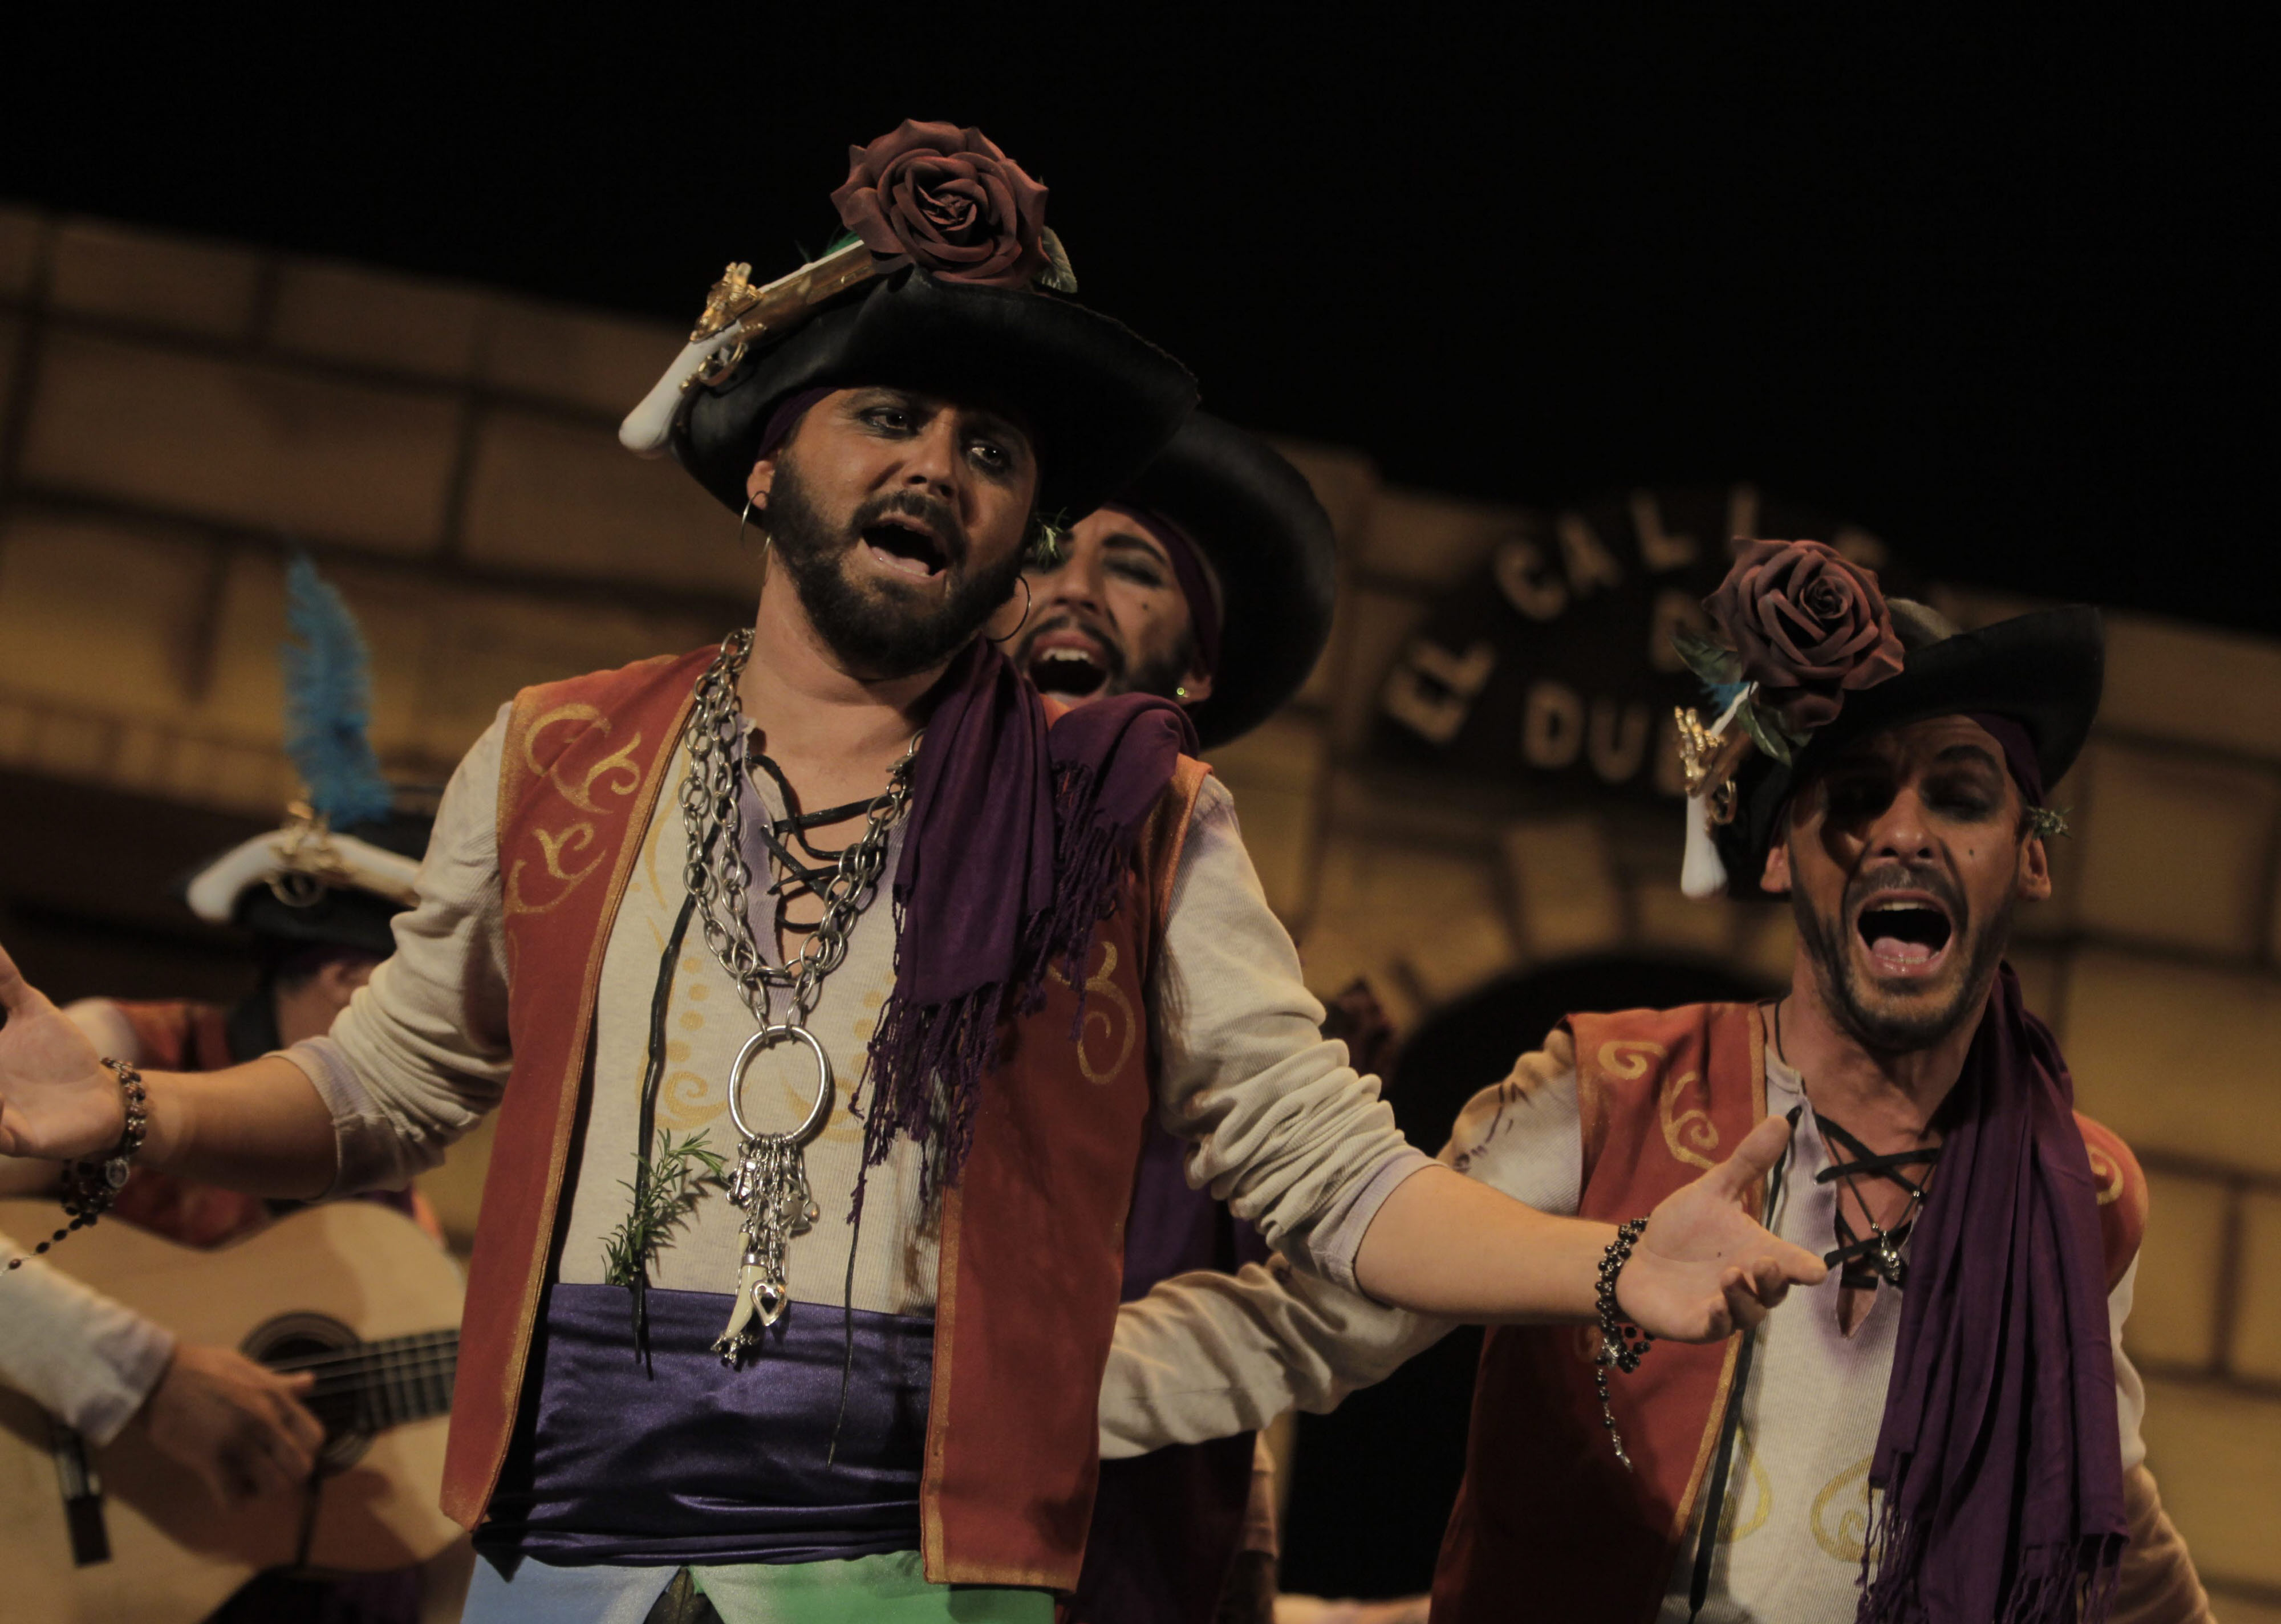 La comparsa de Los Gitanos renuncia al Concurso del Carnaval 2016